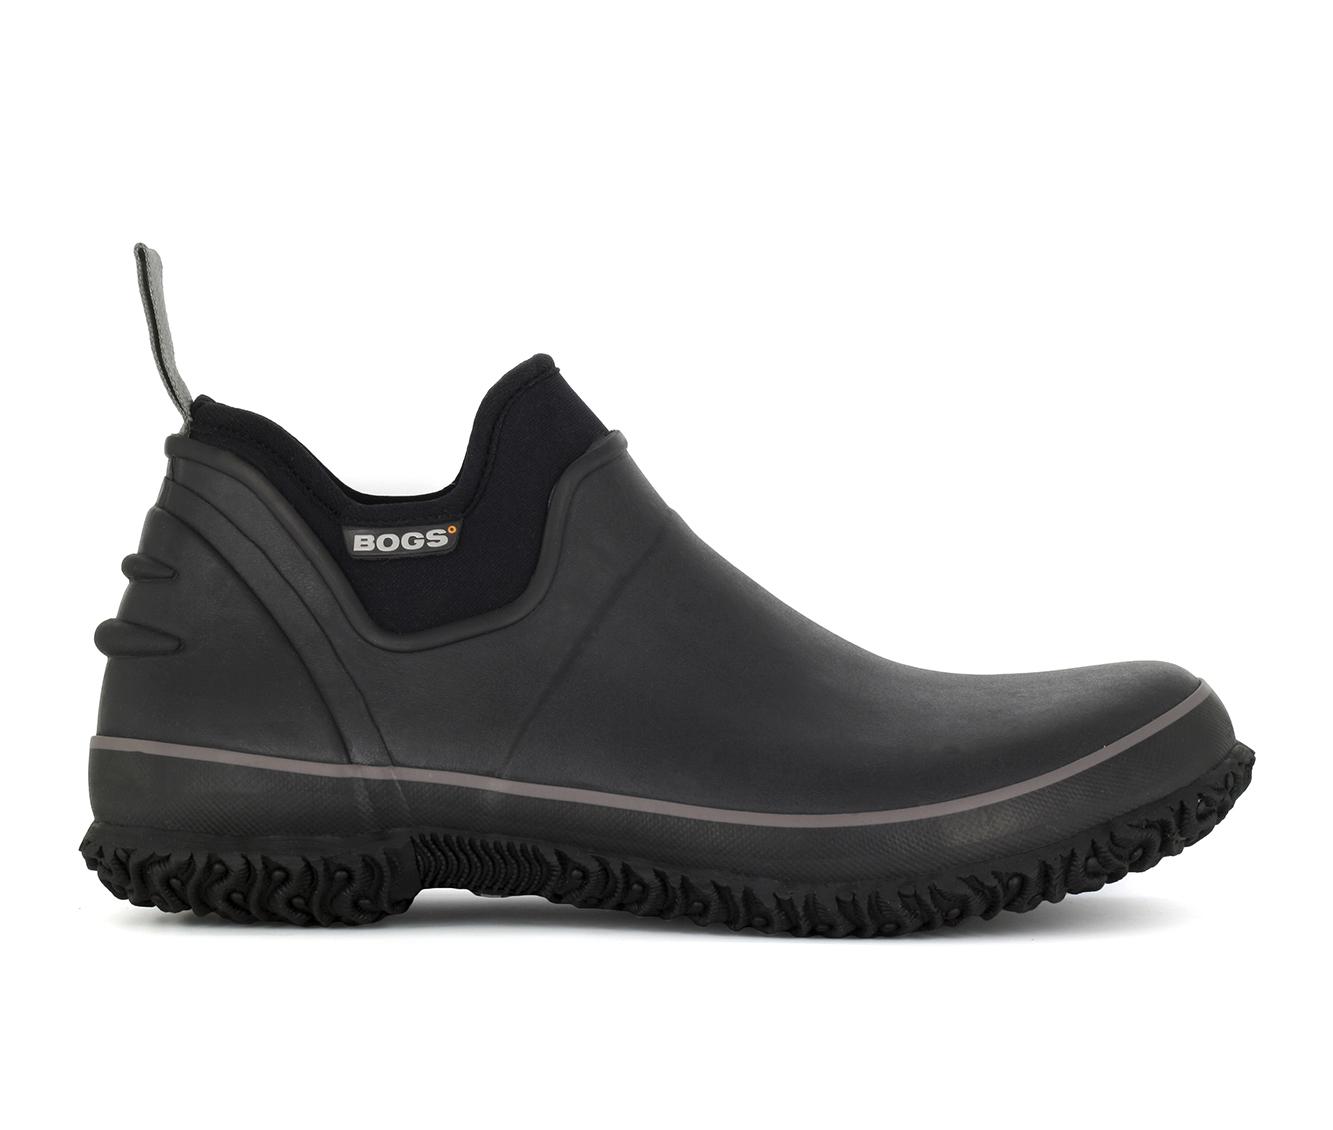 Bogs Footwear Urban Farmer Waterproof Slip On Men's Boots (Black Faux Leather)